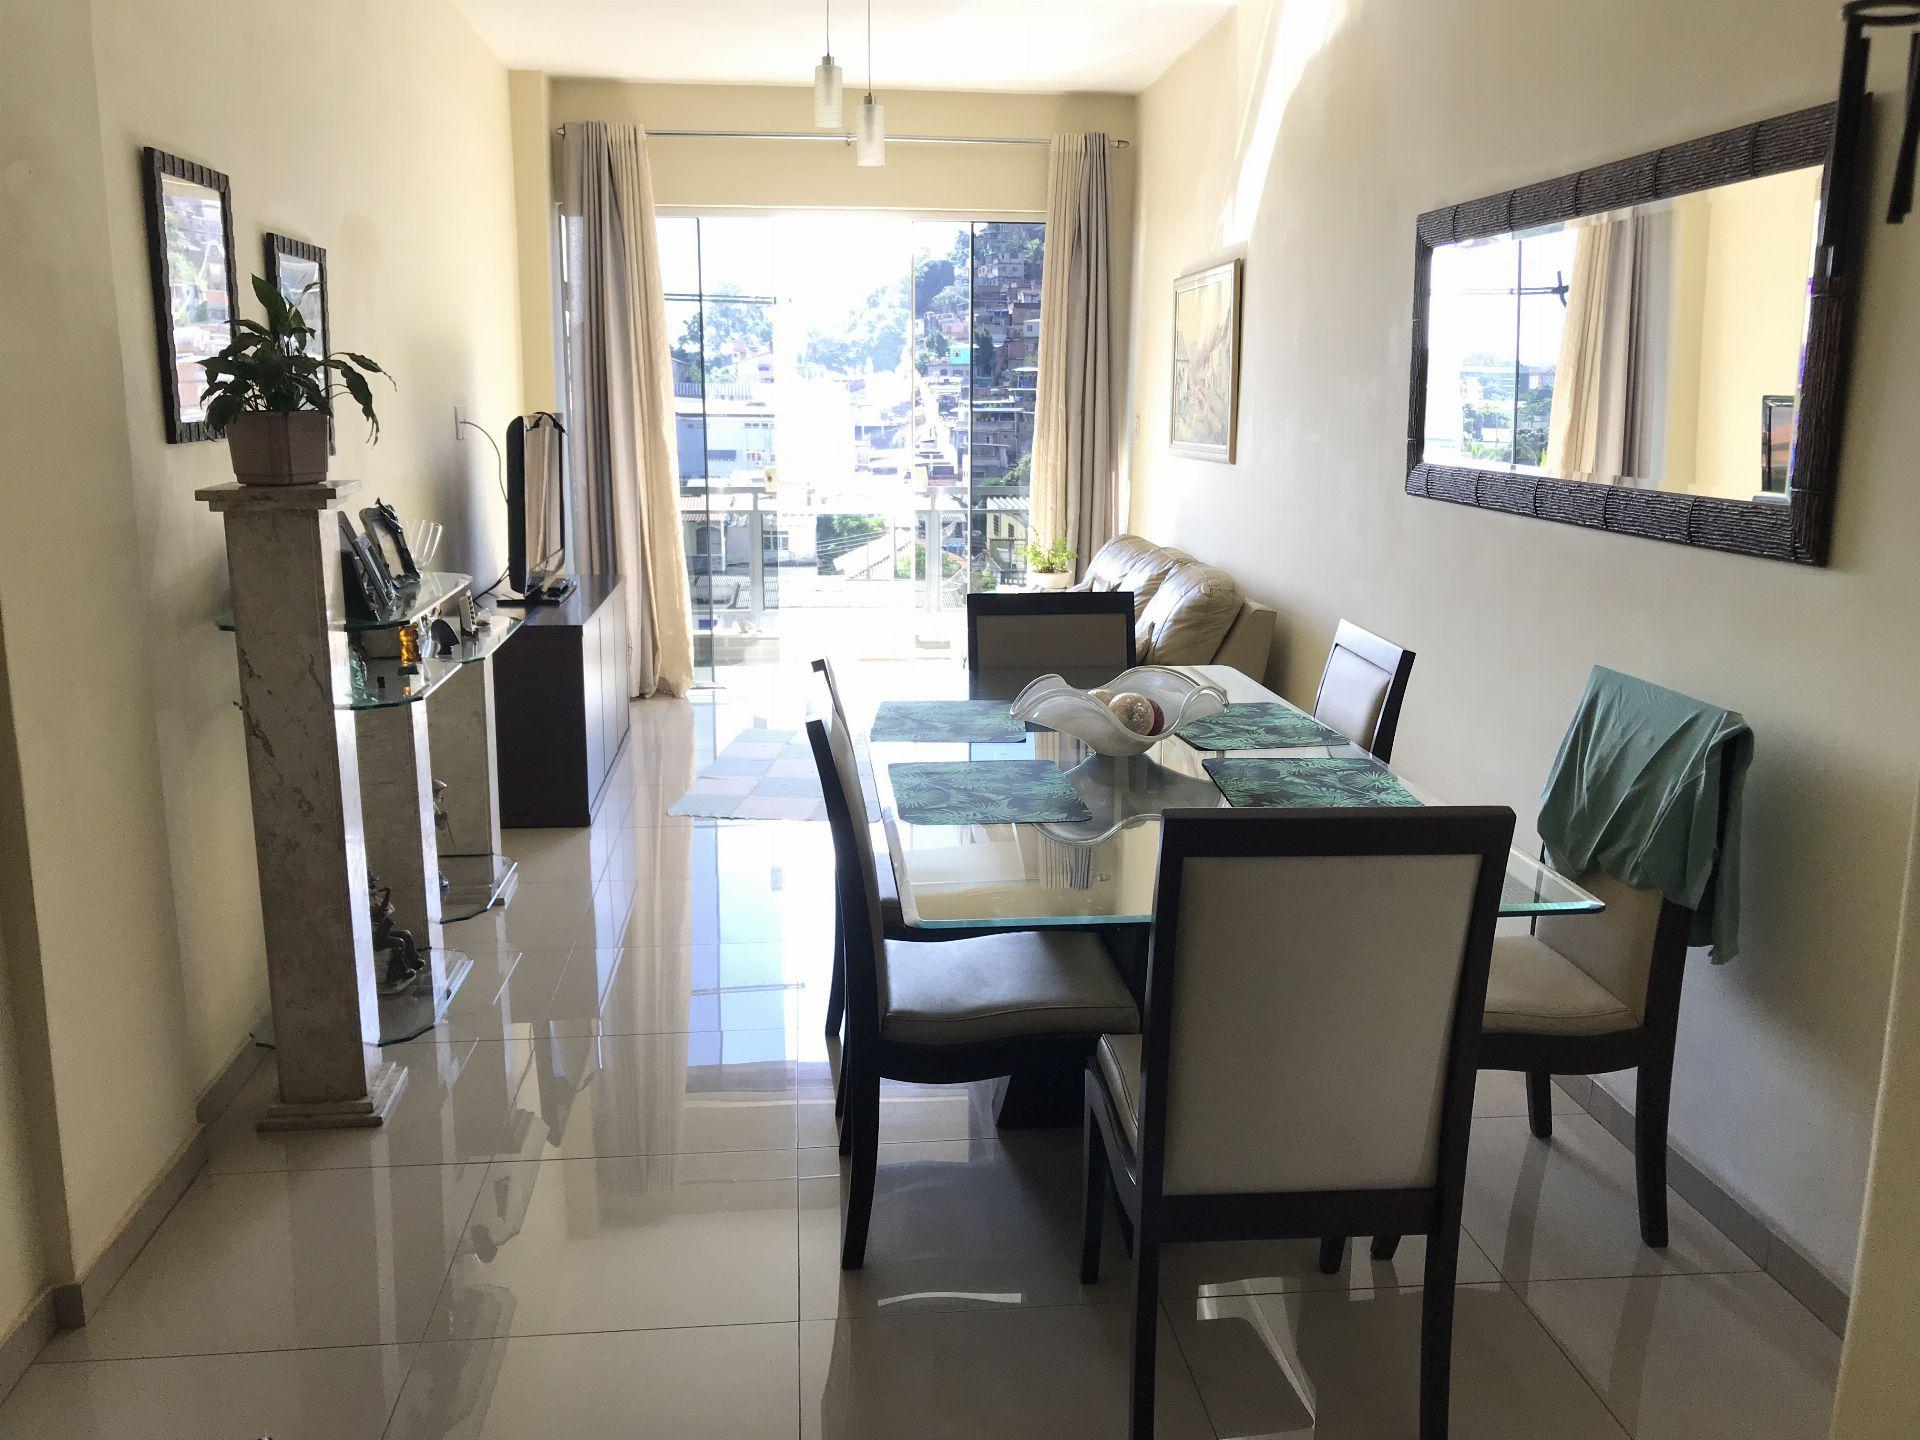 FOTO 1 - Apartamento à venda Rua Capitão Menezes,Praça Seca, Rio de Janeiro - R$ 290.000 - RF175 - 1